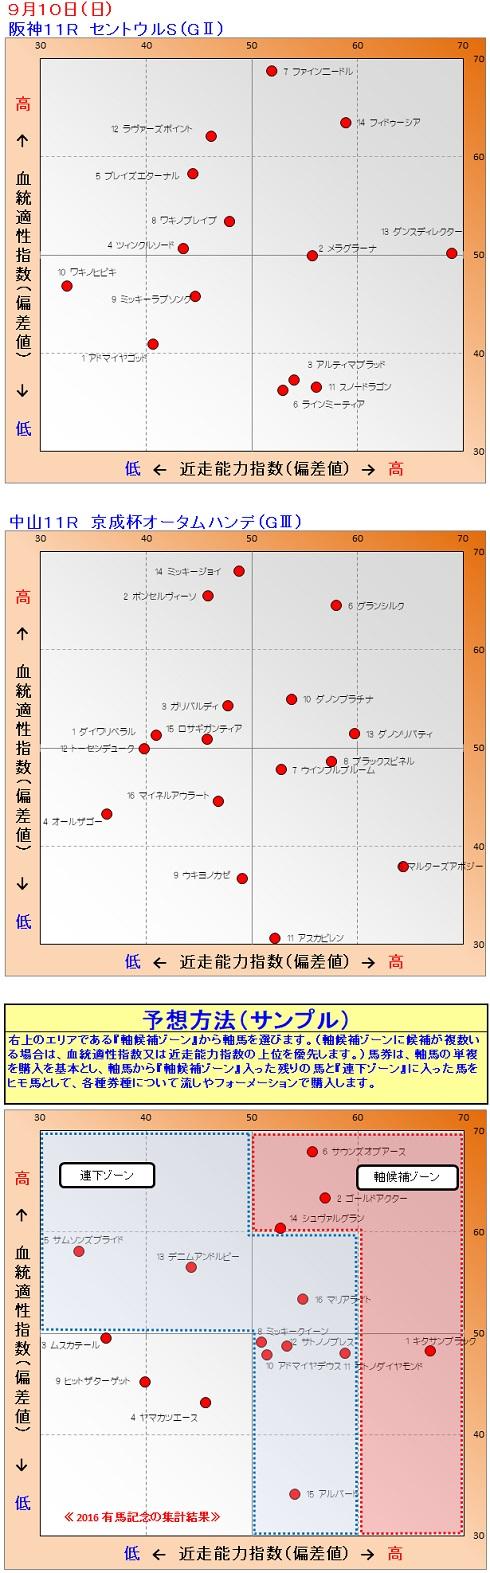 2017-09-10競馬予想1